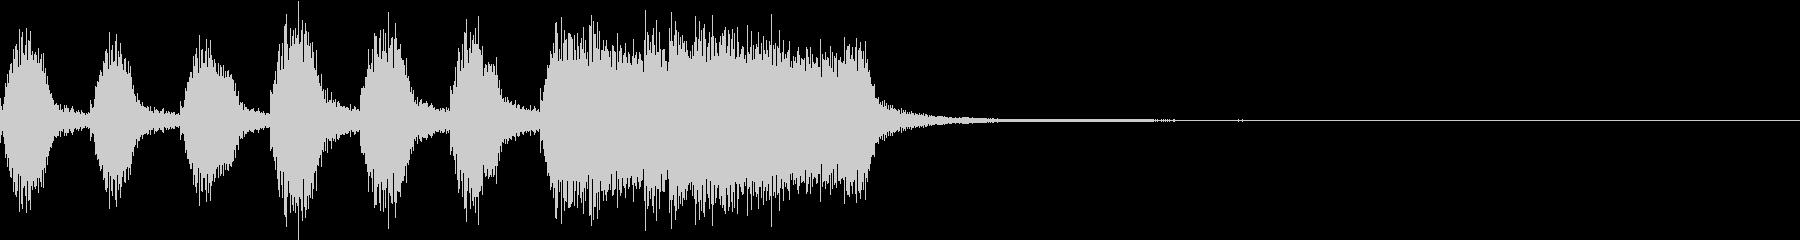 シンプル ファンファーレ 成功 完成 Aの未再生の波形